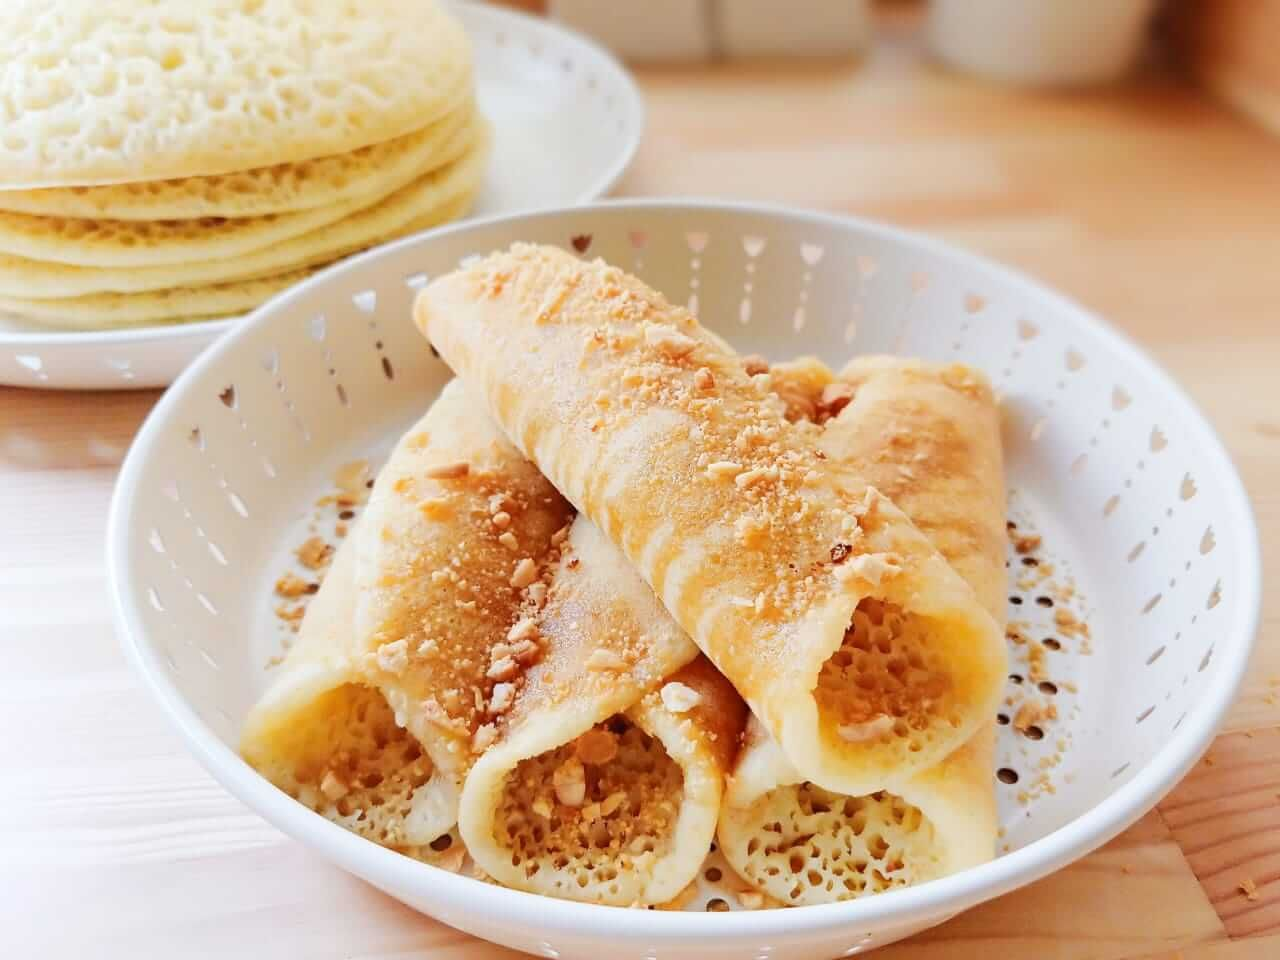 طريقة تحضير فطائر البغرير المغربي مخبوزات Momkitchenista Recipe Food Desserts Breakfast